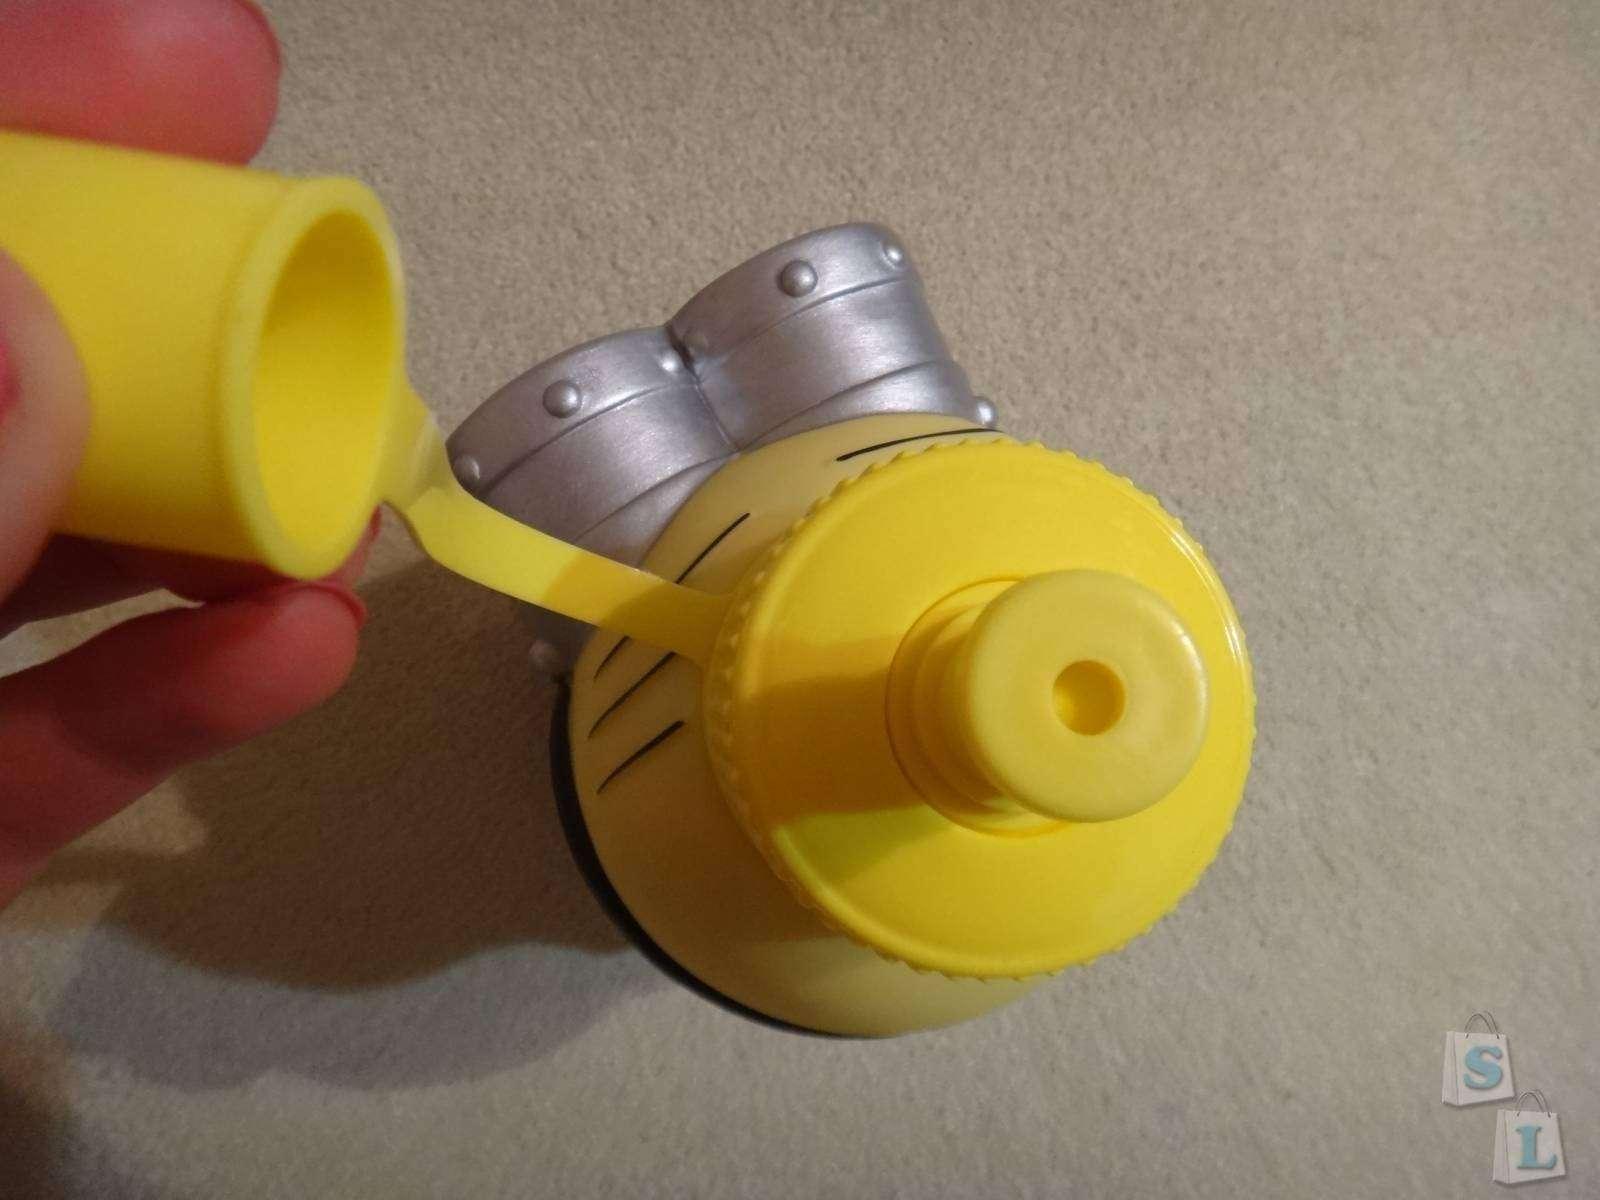 GearBest: Обзор бутылки на 600мл в форме миньона из мультфильма 'Гадкий Я'